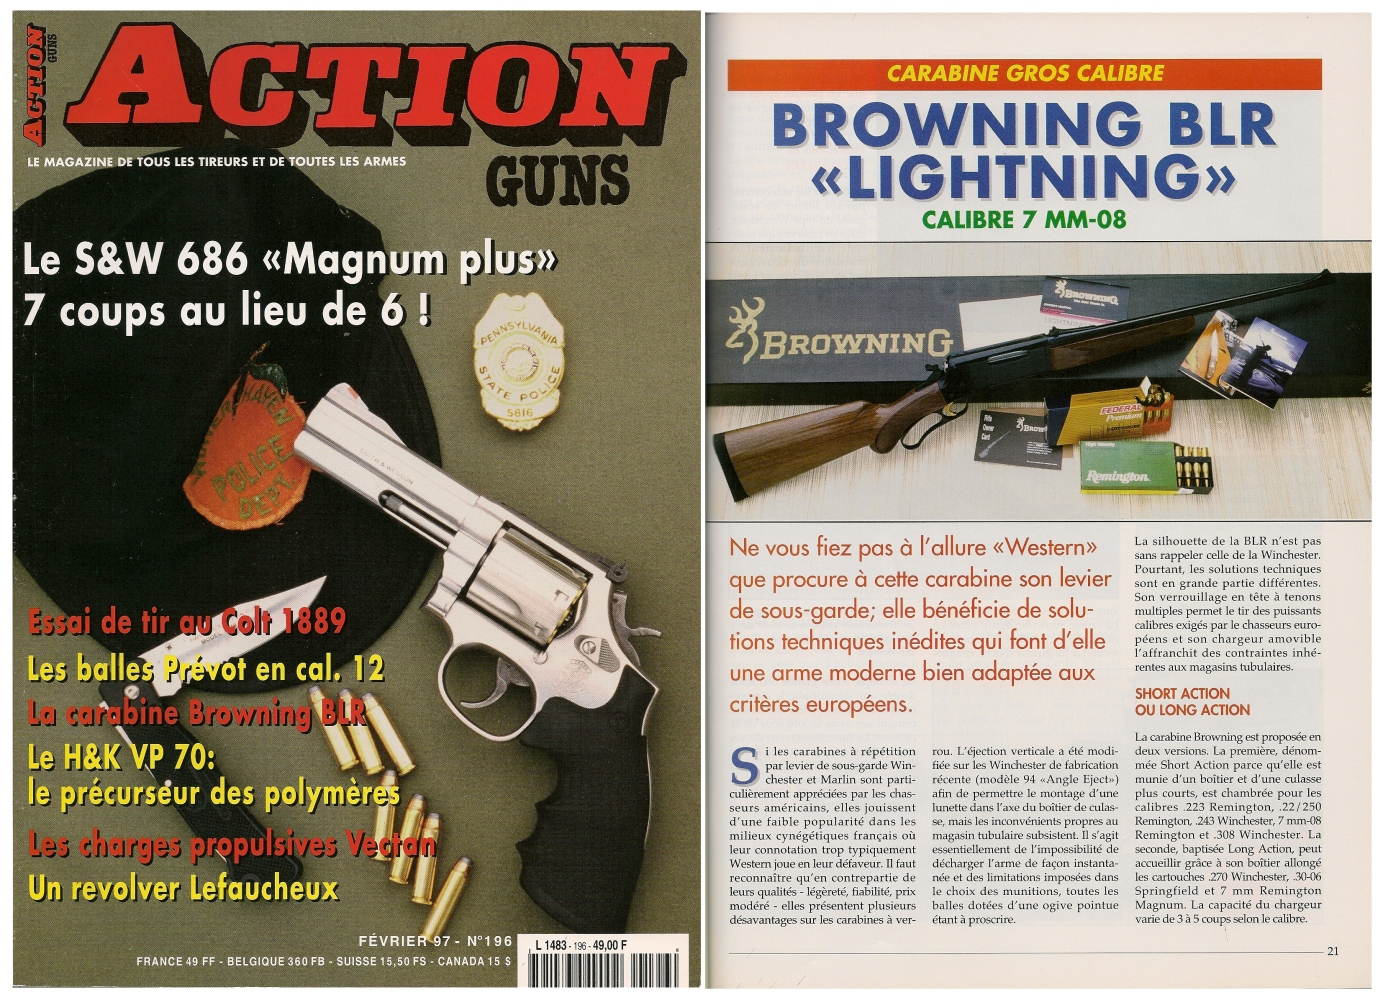 Le banc d'essai de la Browning BLR « Lightning » en calibre 7 mm-08 a été publié sur 5 pages dans le magazine Action Guns n° 196 (février 1997).